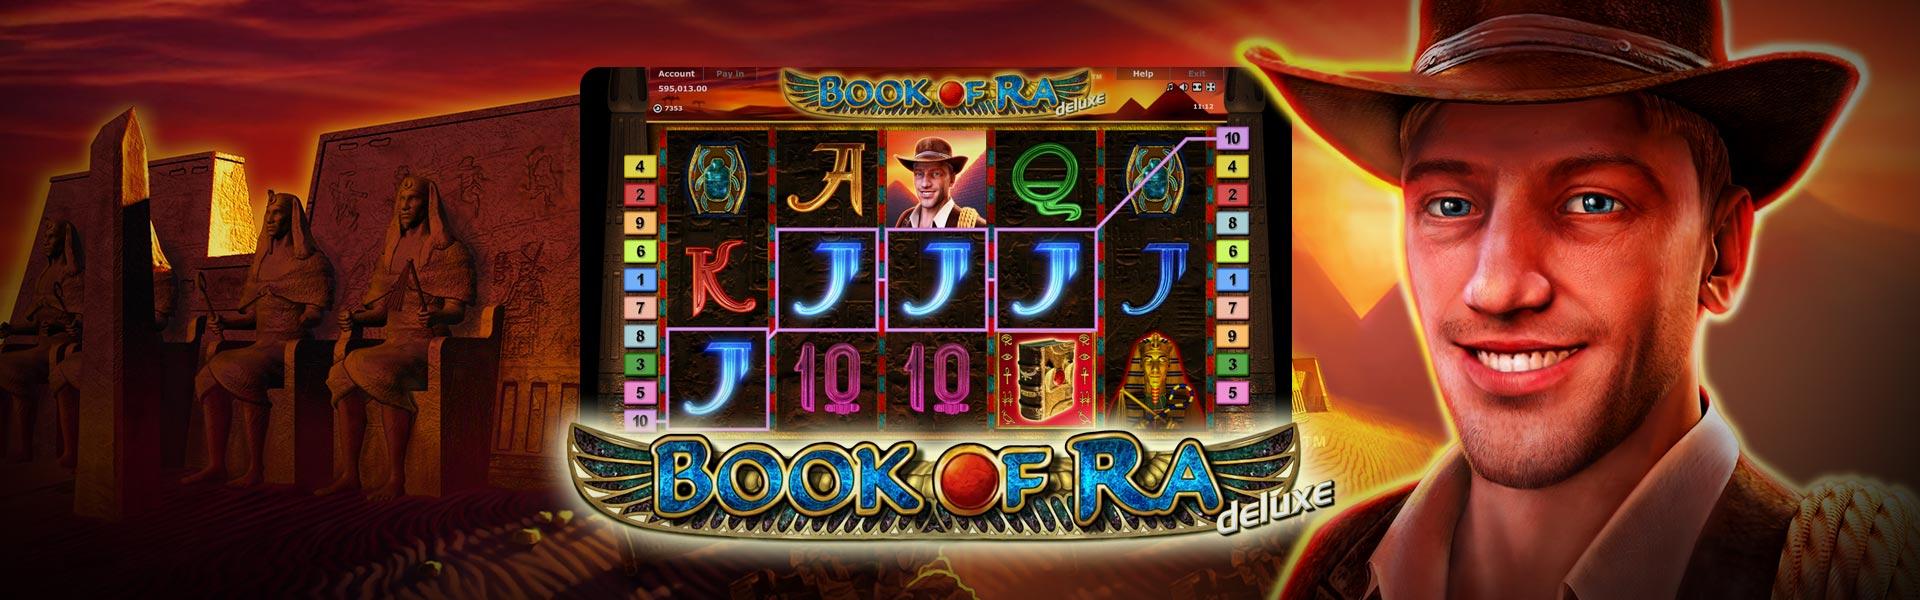 book of ra geld